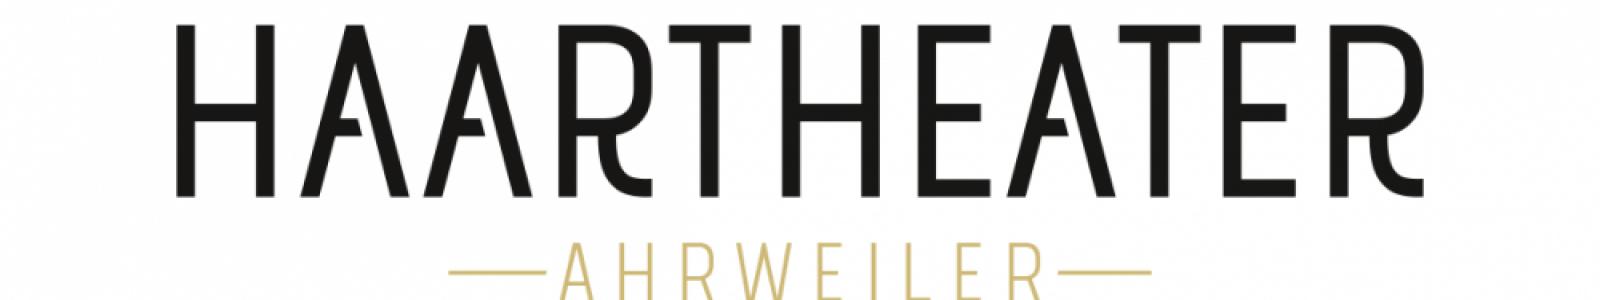 Haartheater Logo Weiss A 2018 e1531343206634